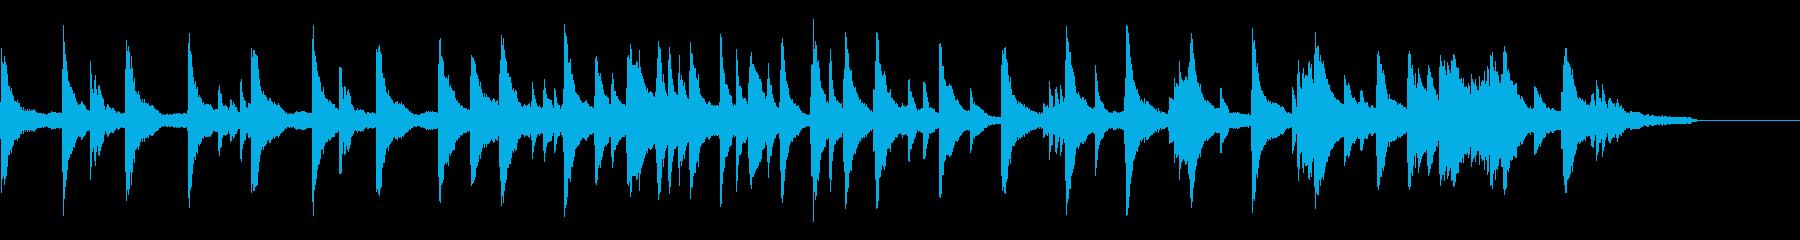 ゆったりとした映像によく合うピアノの再生済みの波形